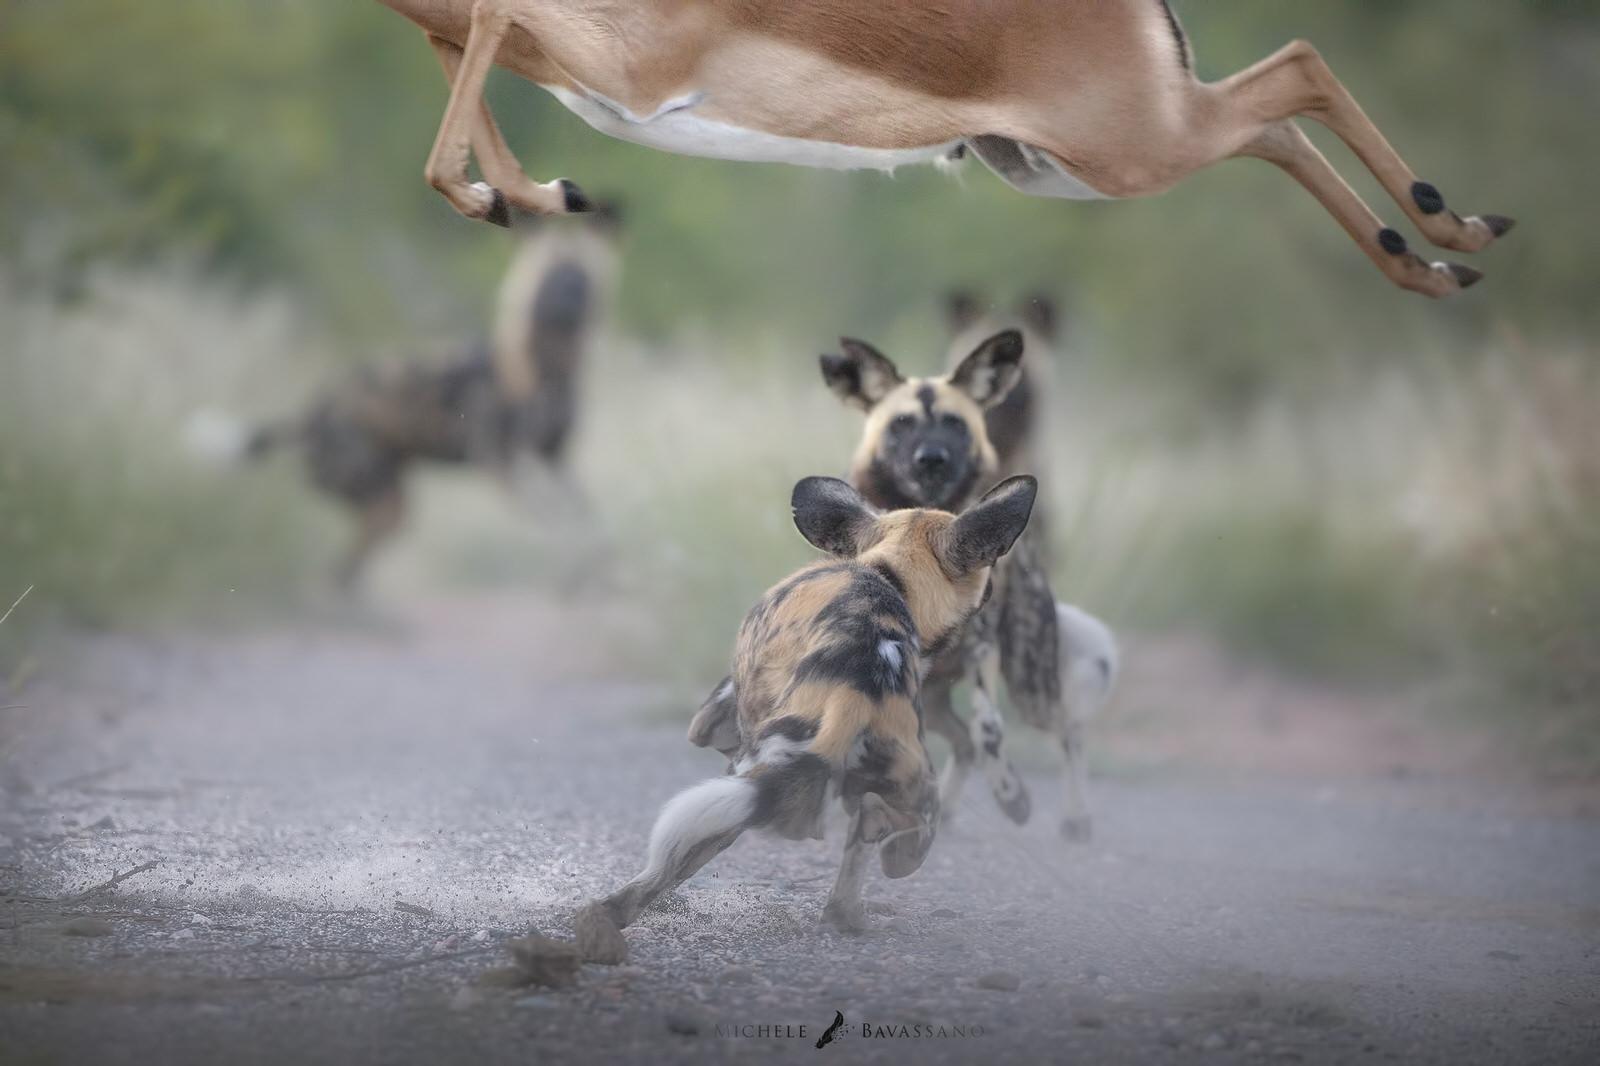 licaoni africa fotografia naturalistica